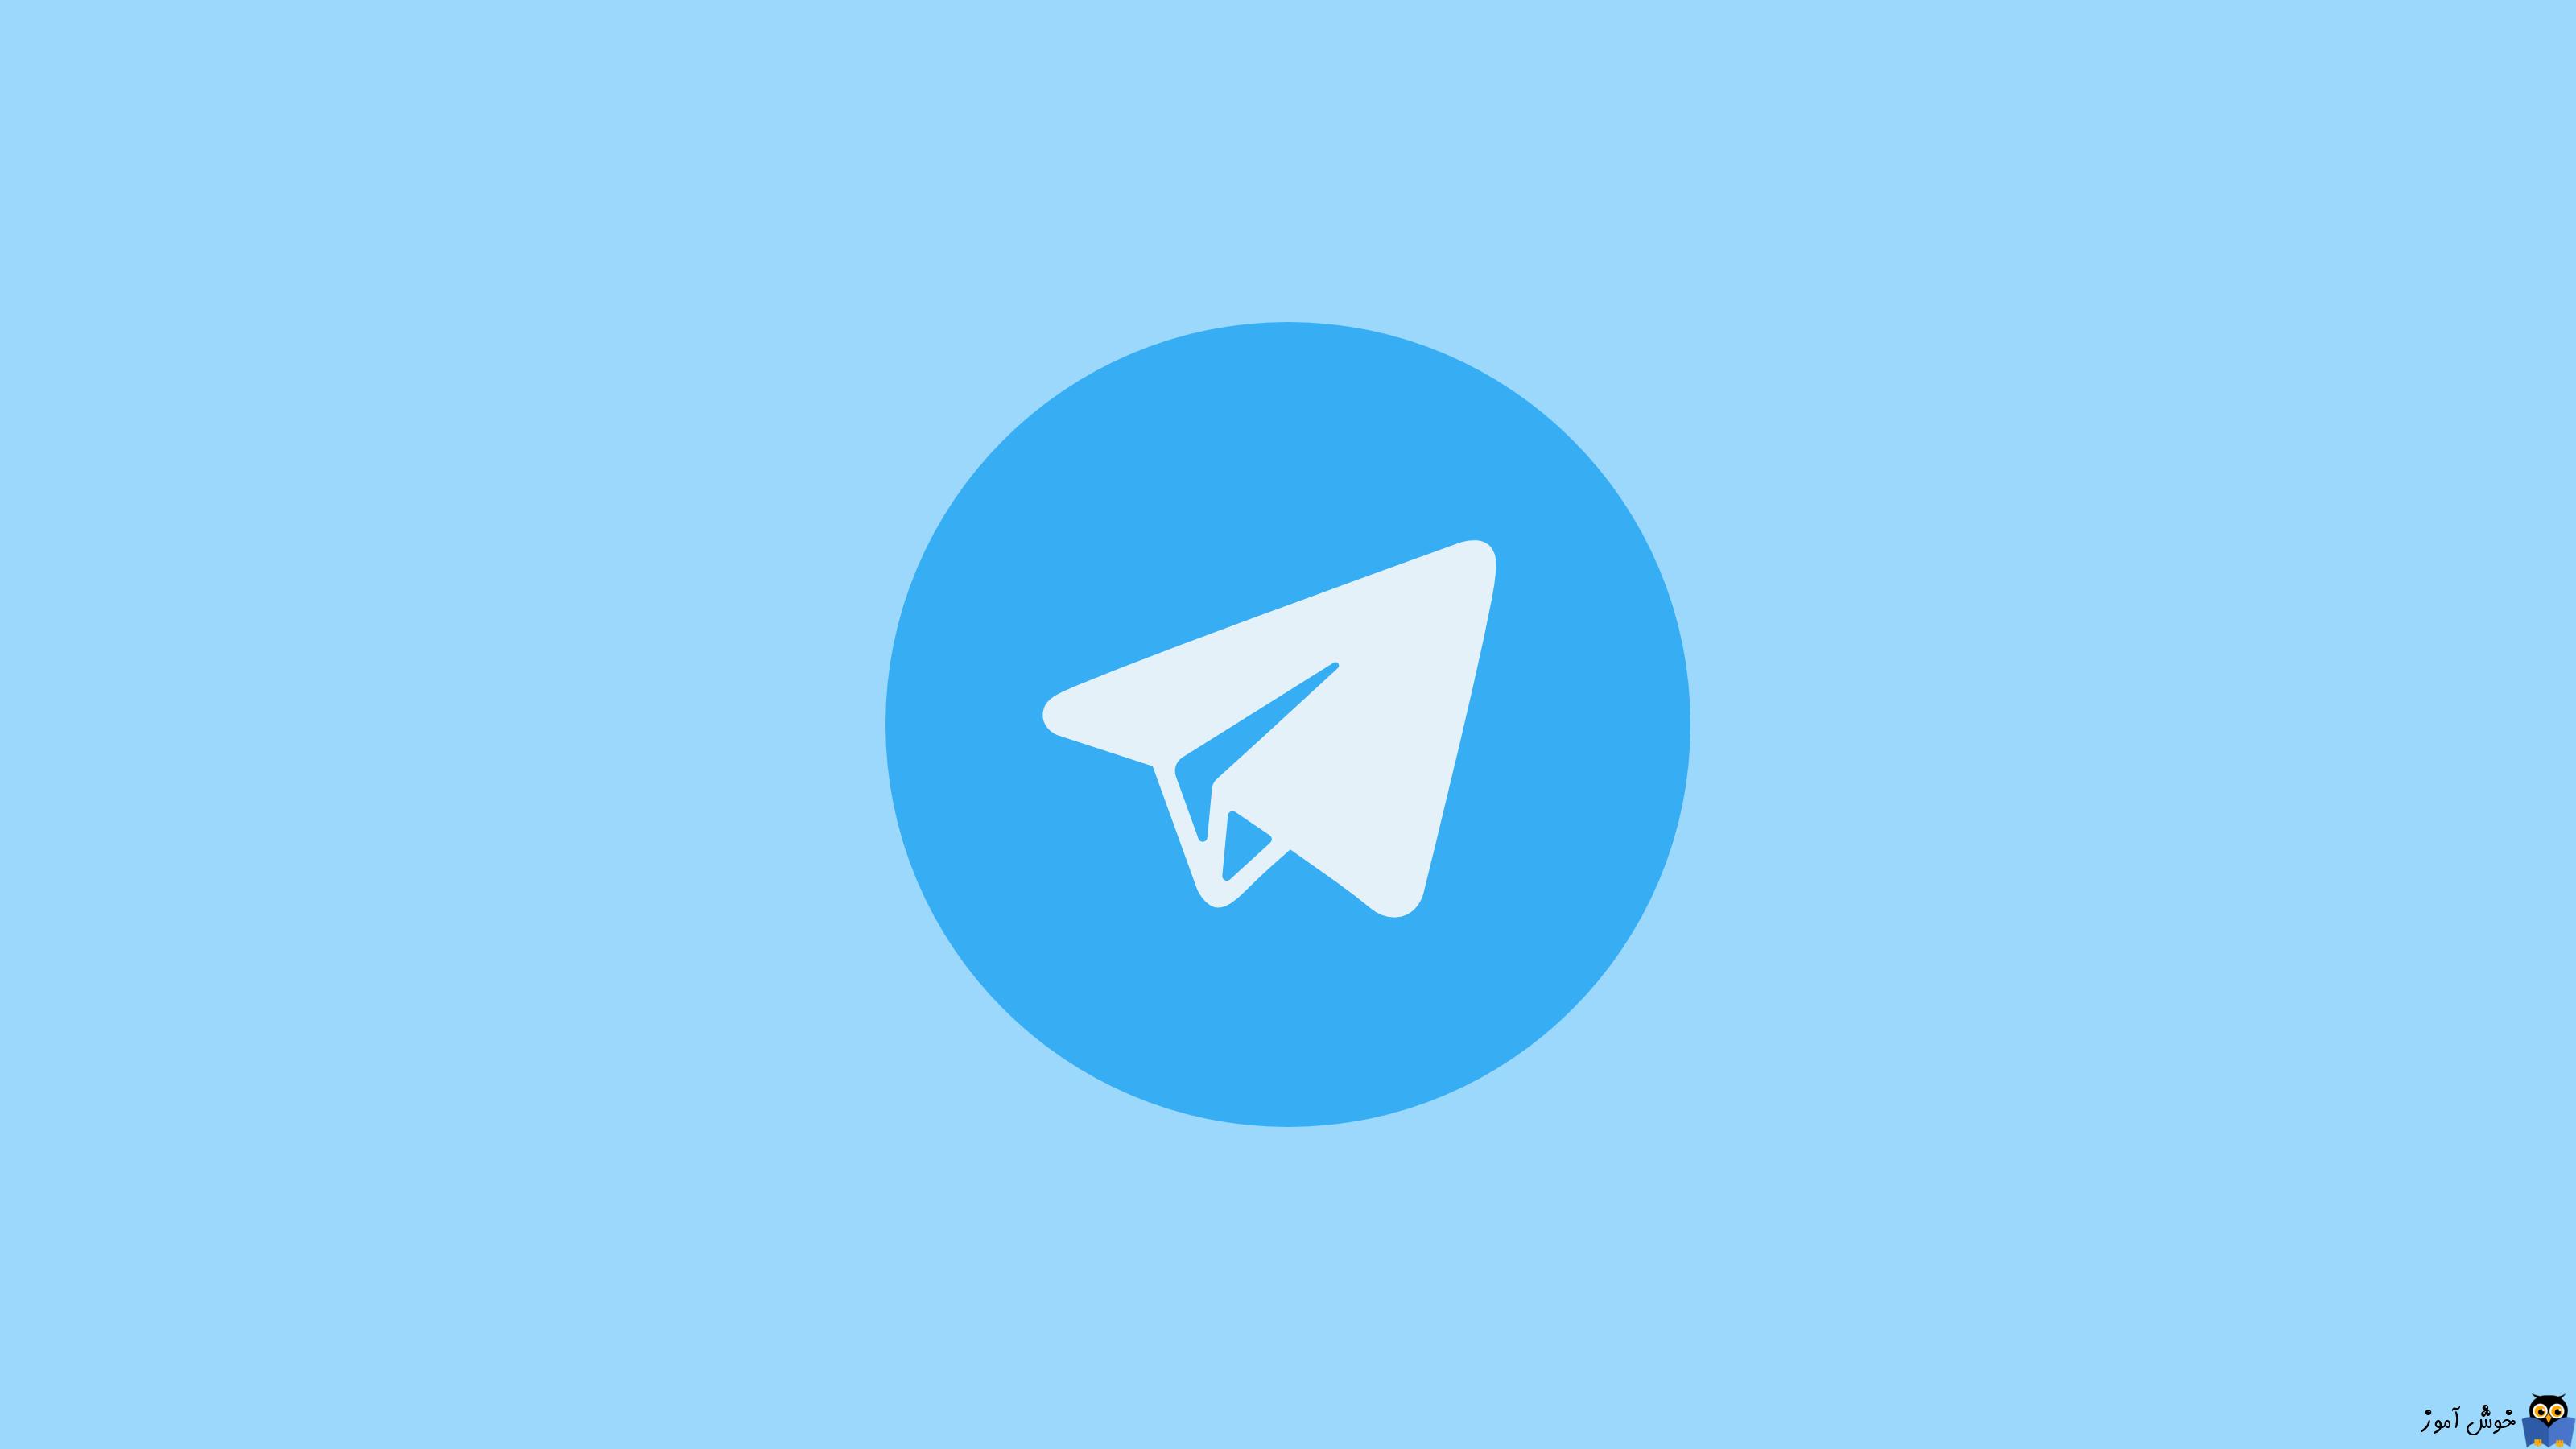 تعیین مدت زمان برای حذف شدن فایل در چت های تلگرام